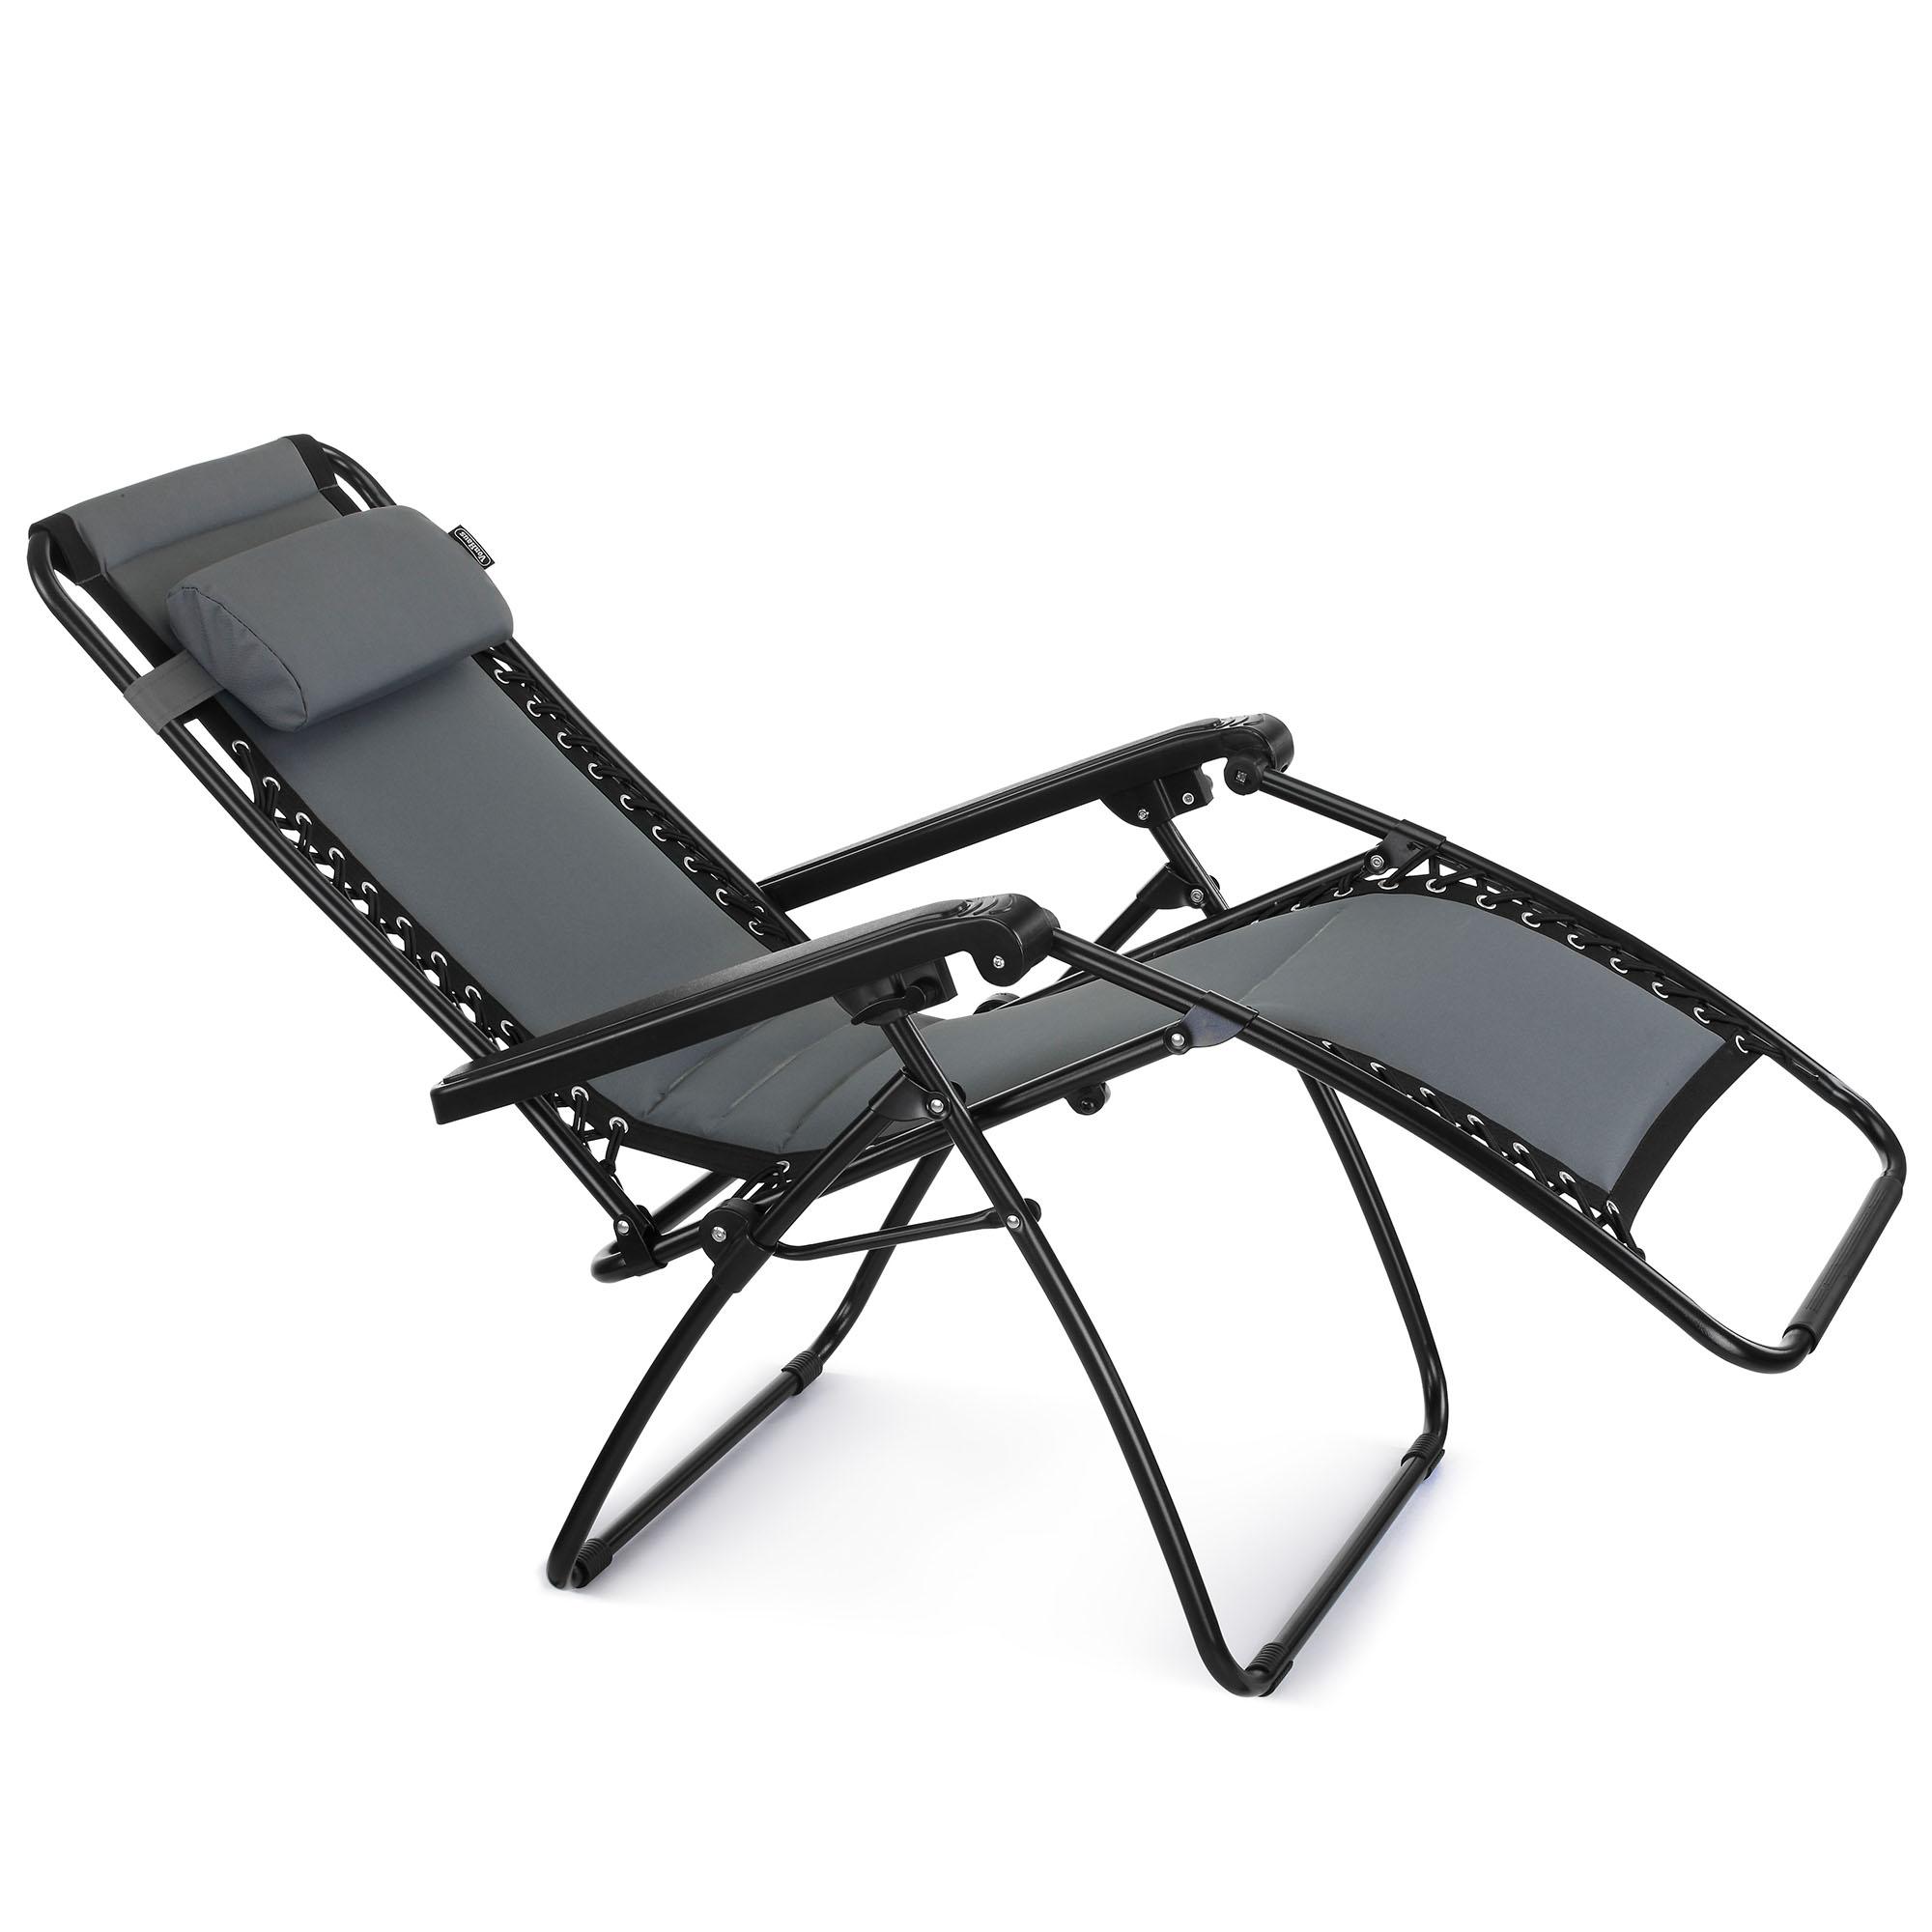 VonHaus Oxford 600D Padded Zero Gravity Chair Outdoor Garden Sun